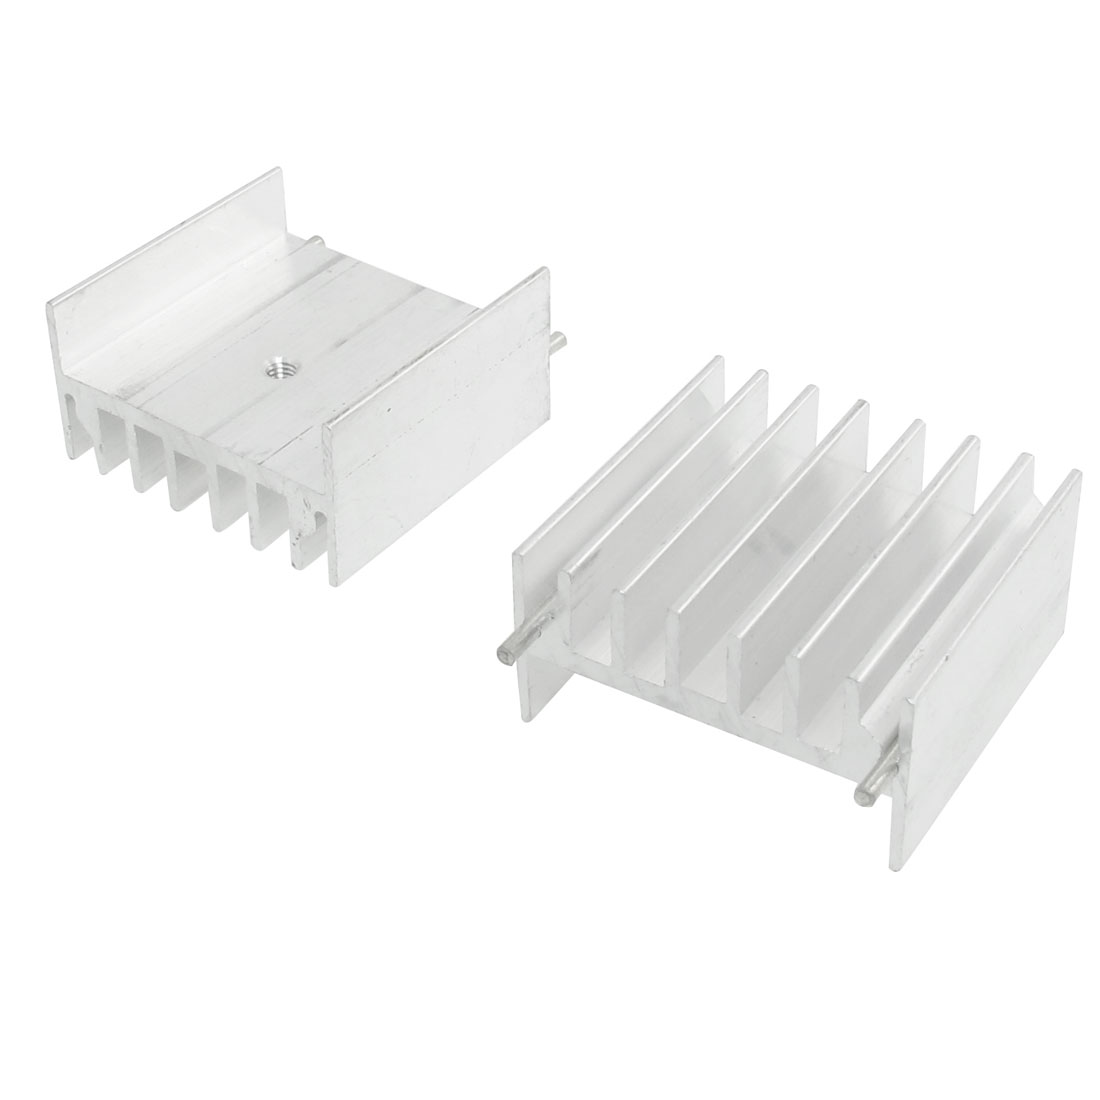 2 Pcs 32mm x 16.5mm x 30mm Heatsink Heat Diffuse Cooling Fin